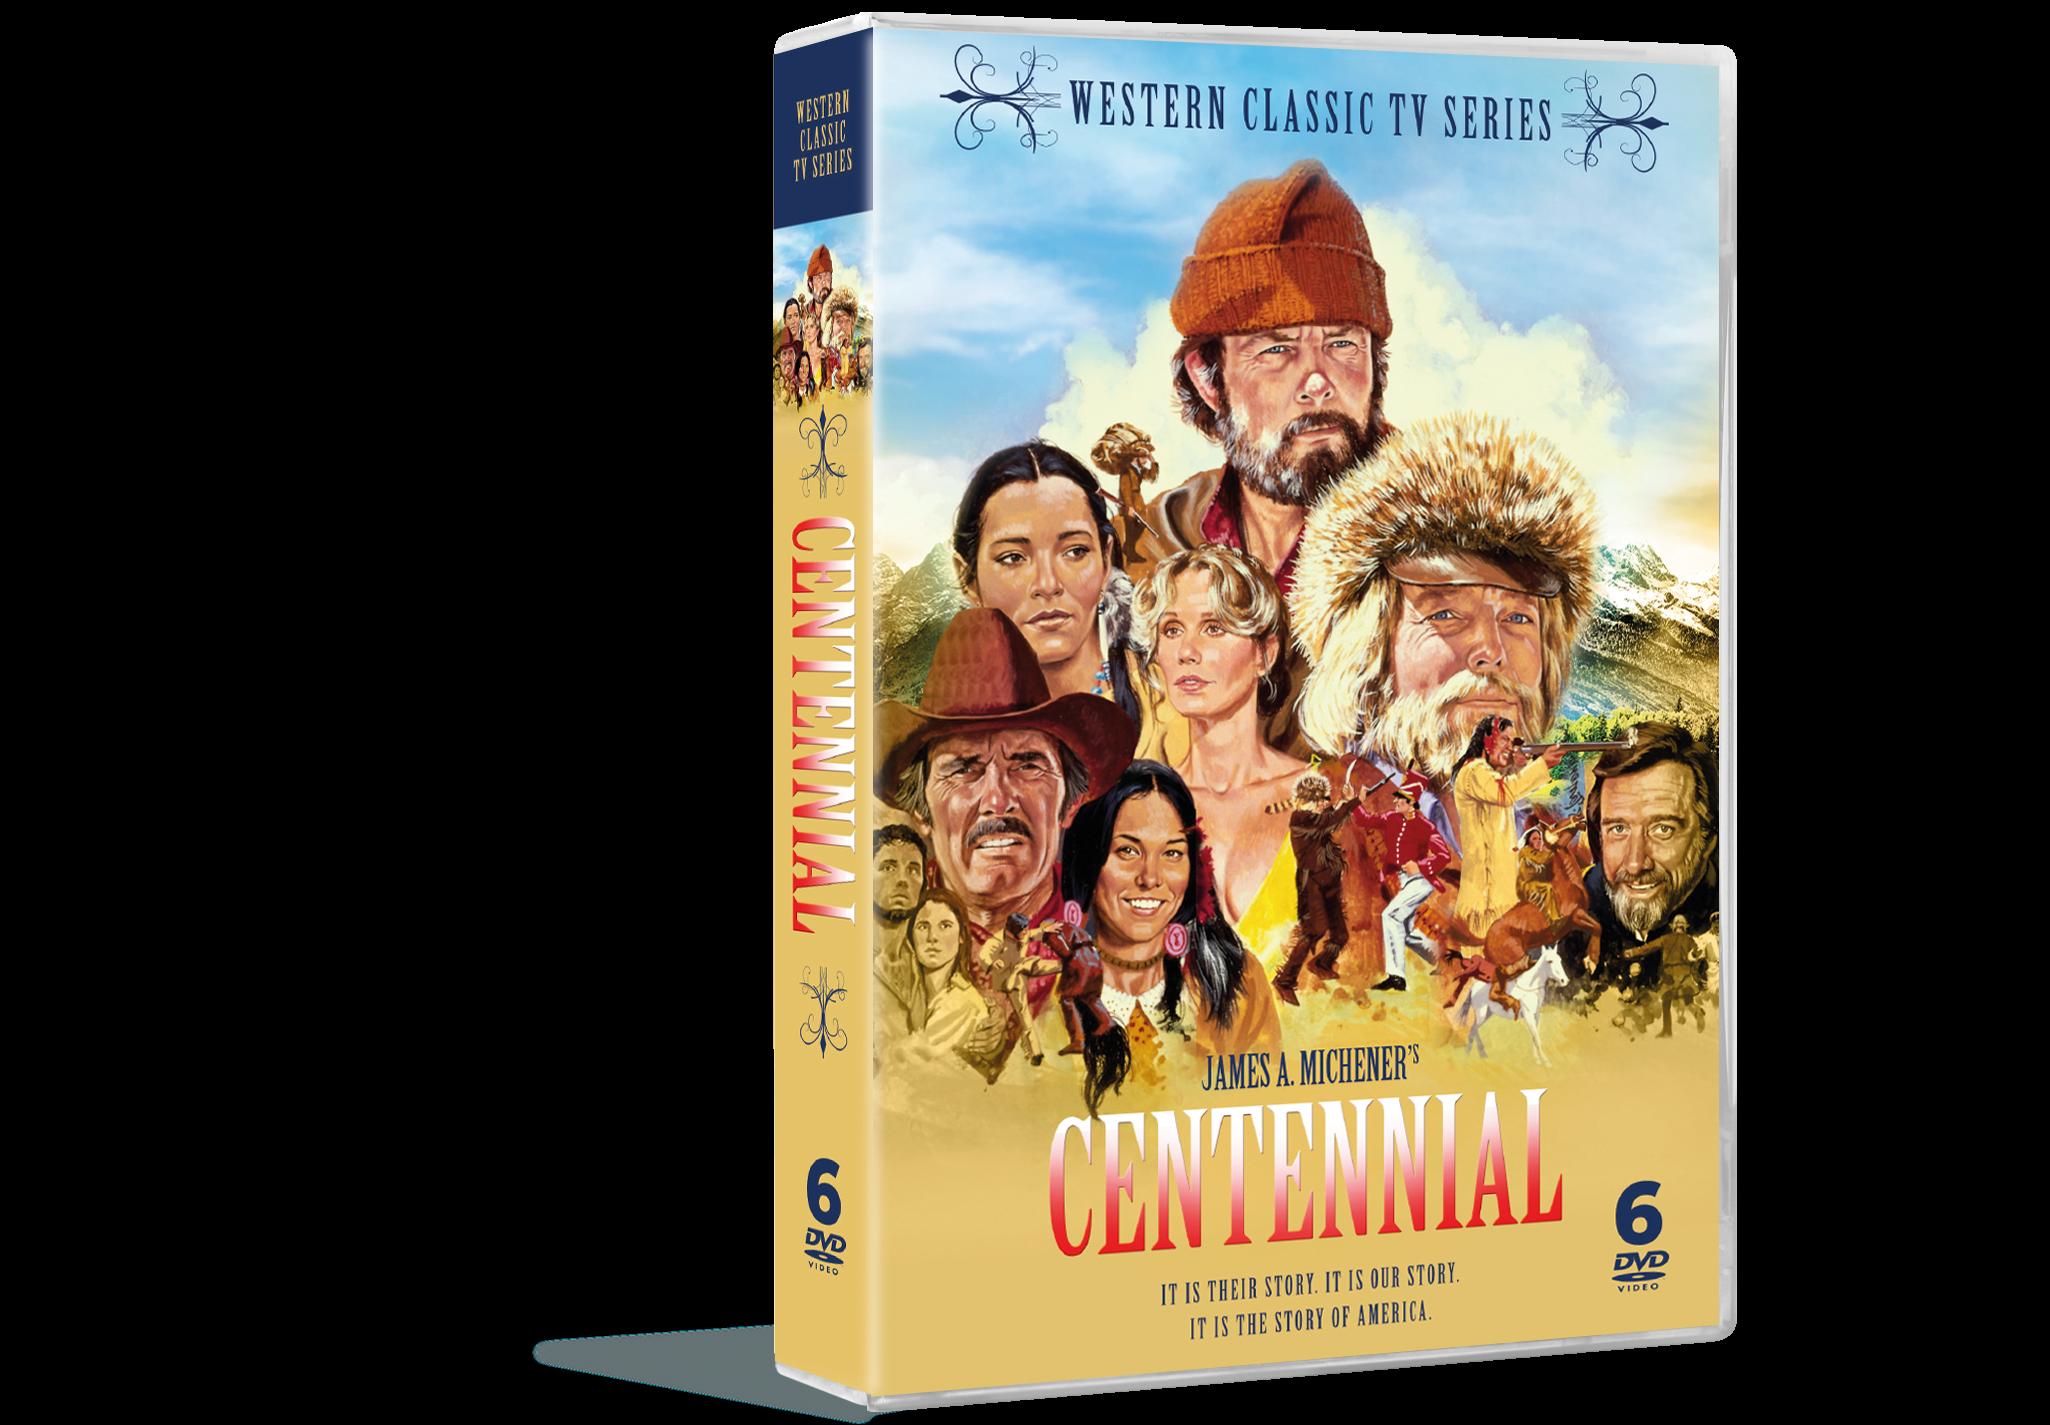 Centennial - Colorado sagaen (1978-79)